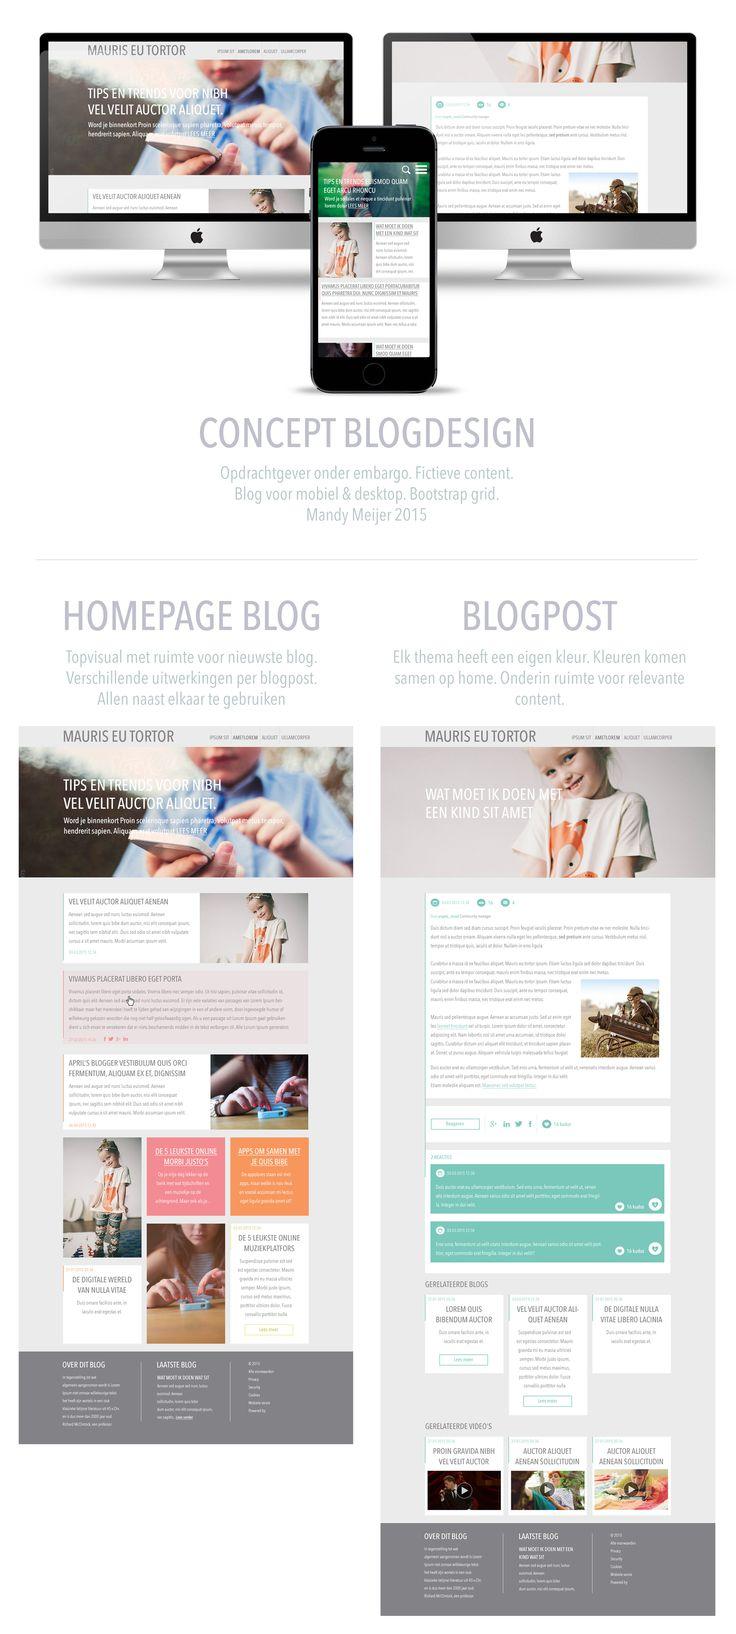 Concept opdracht blogdesign